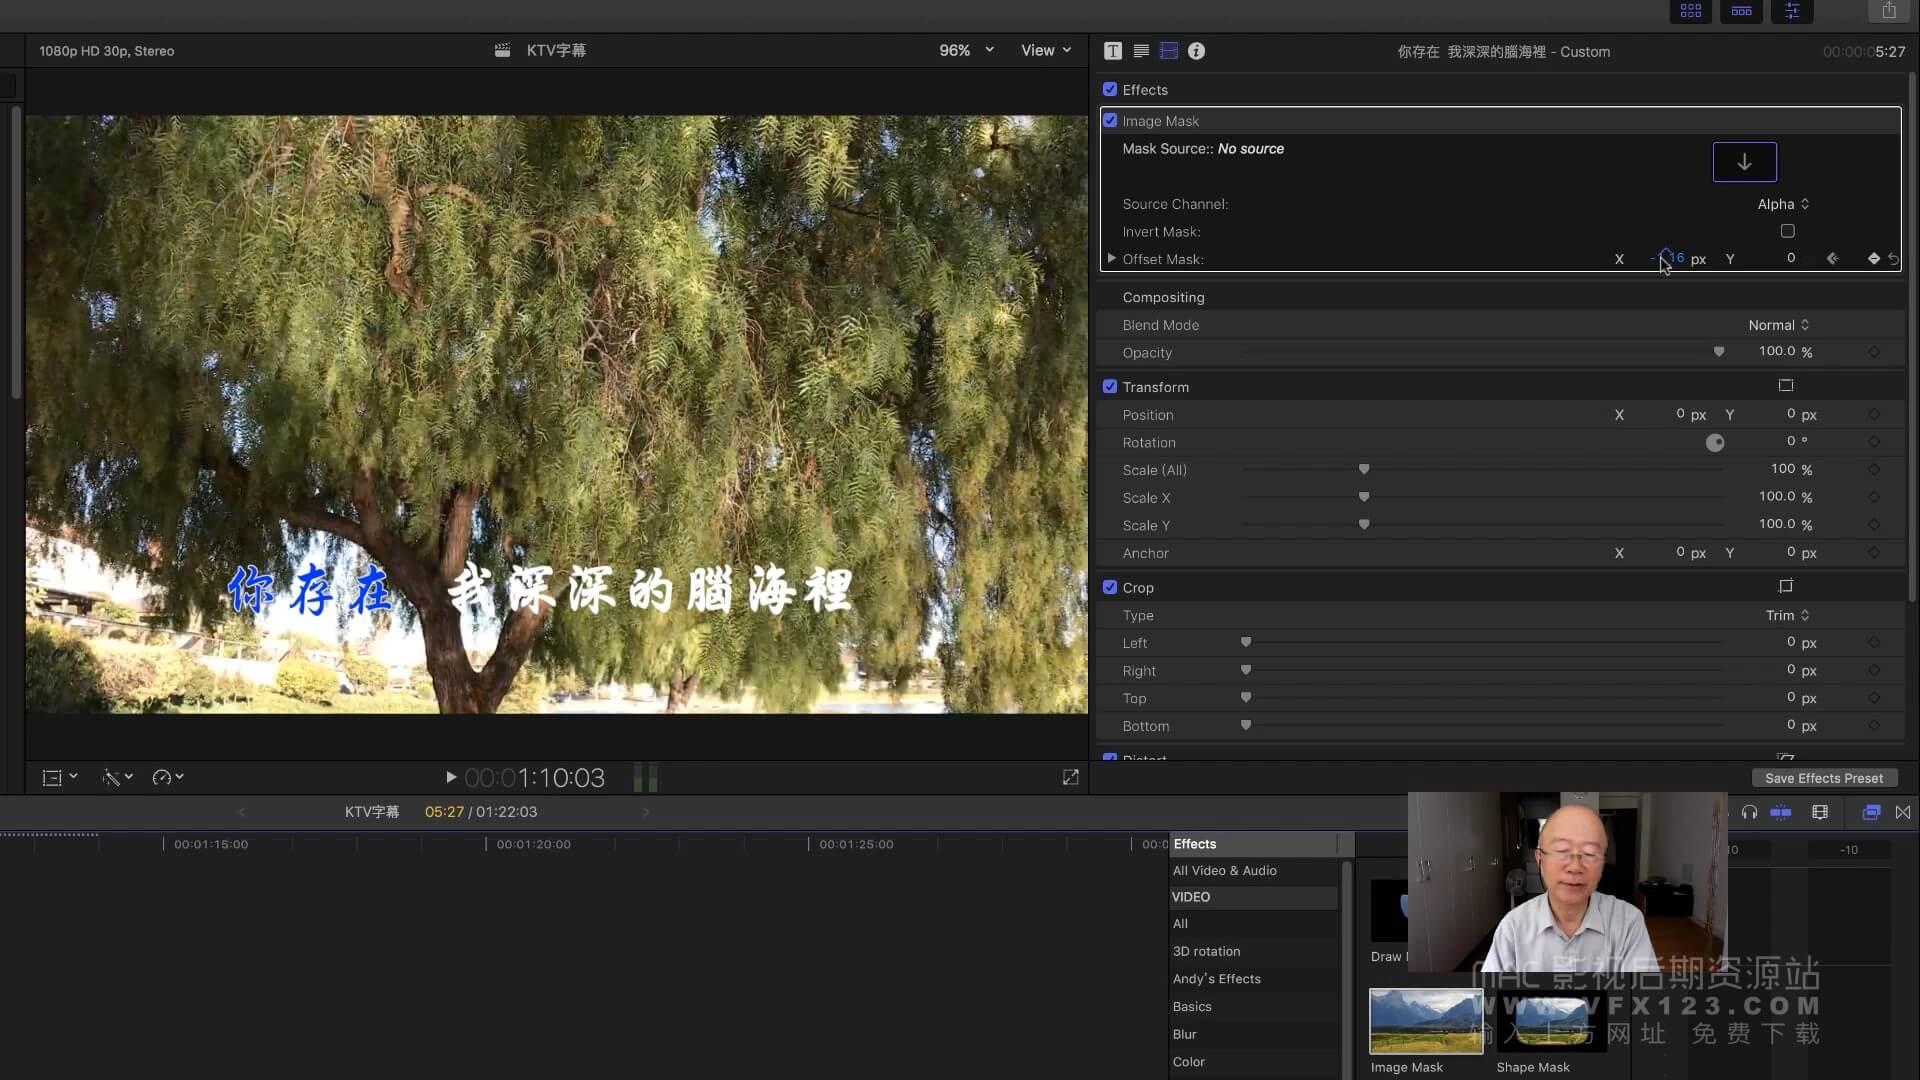 第56课:如何在Final Cut Pro X中制作KTV字幕